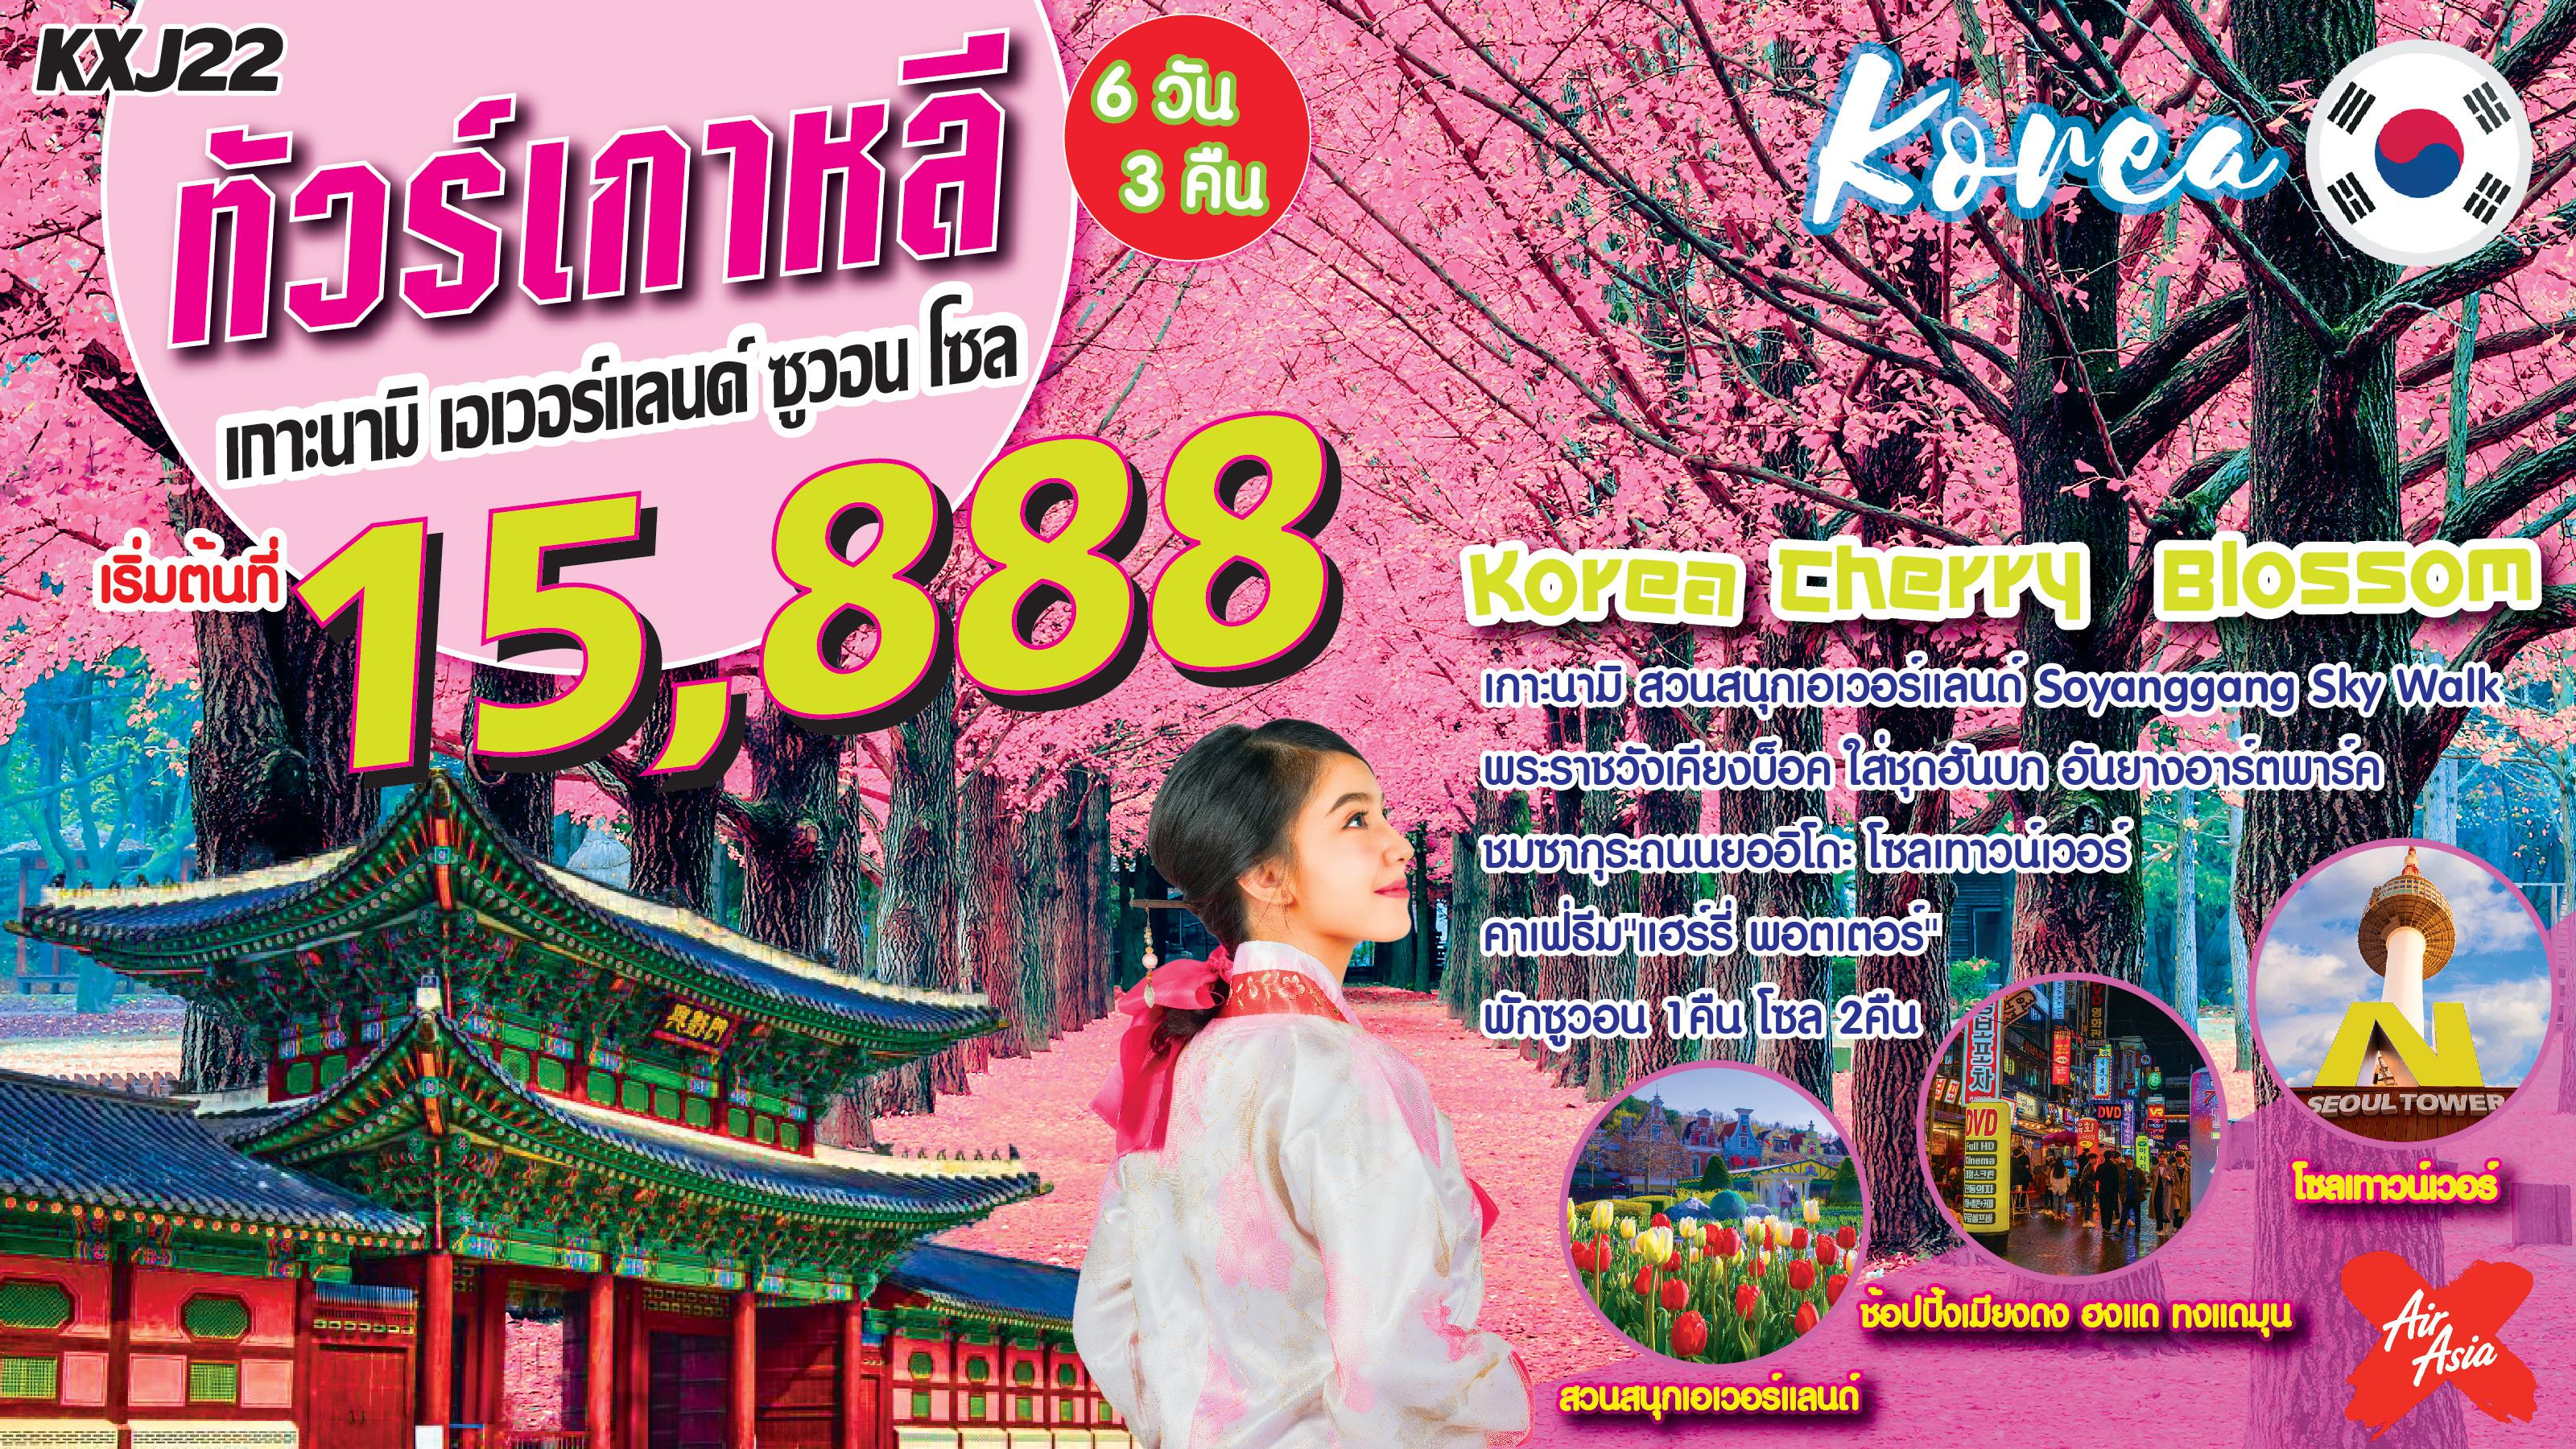 ทัวร์เกาหลี-Korea-Cherry-Blossom-เกาหลี-ซูวอน-โซล-6D3N-(MAR-APR20)(KXJ22)